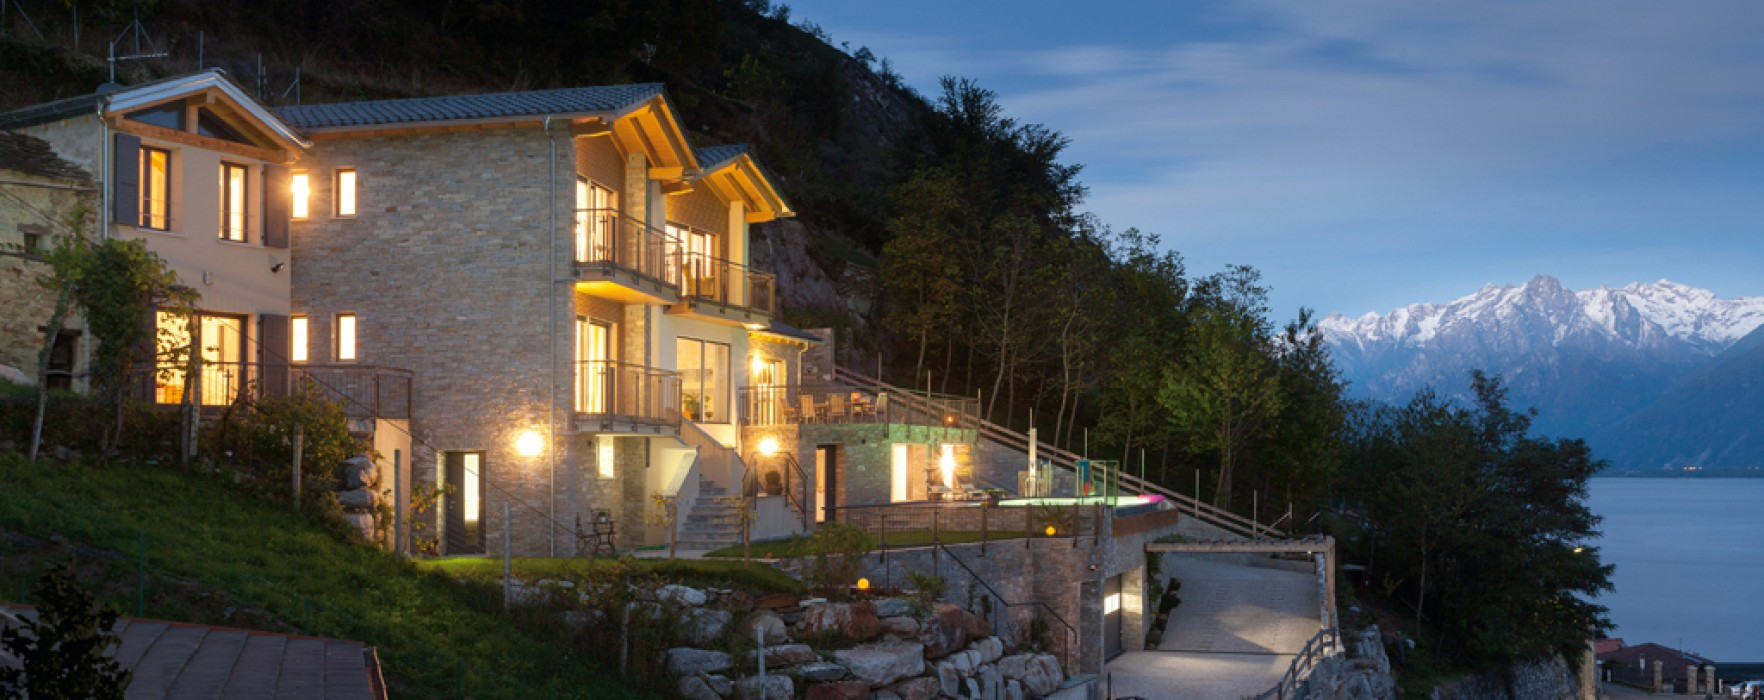 Casa monika schw rerhaus for Costare la costruzione di una casa contro l acquisto